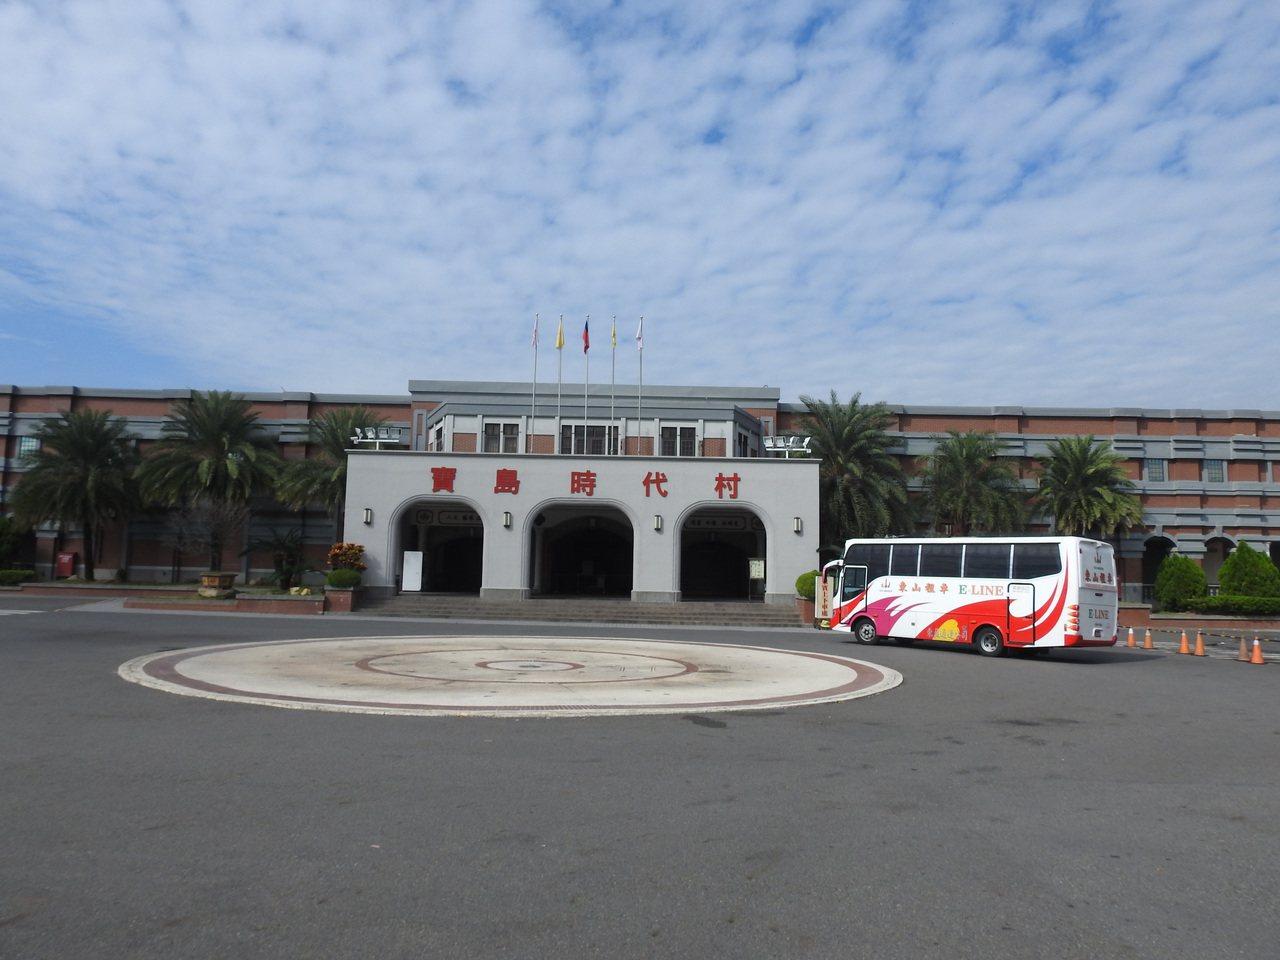 草屯寶島時代村年底將歇業,今有遠從新加坡包車而來的遊覽車,卻因巧遇周二公休日撲空...